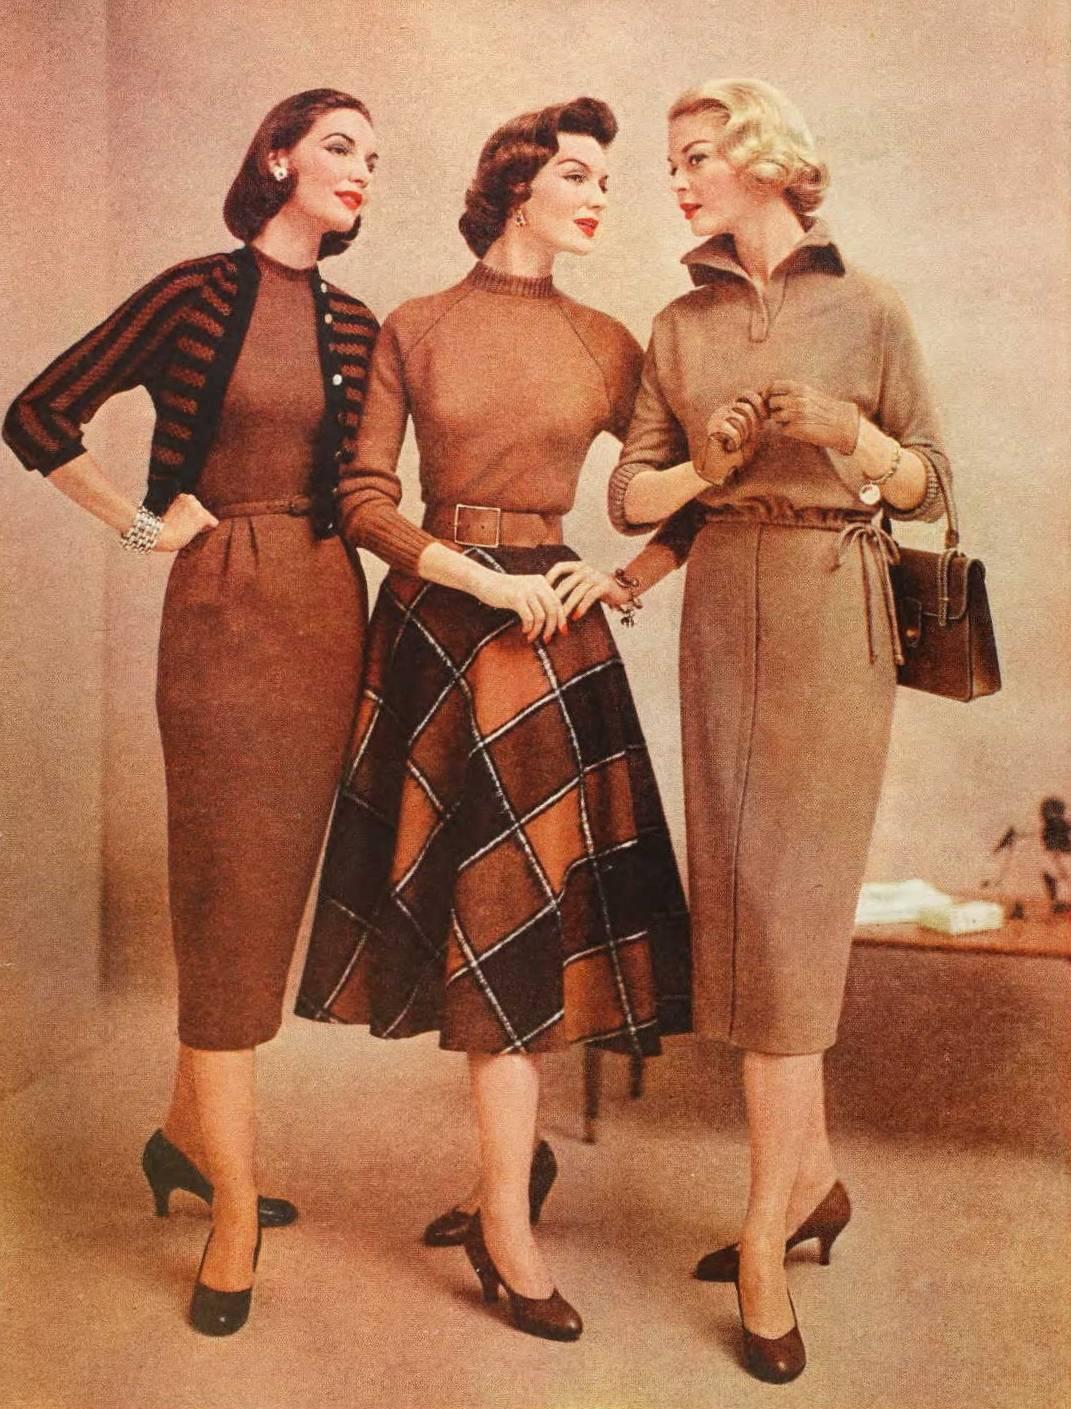 3 damer fra 1950'erne i pencil og swingkjoler